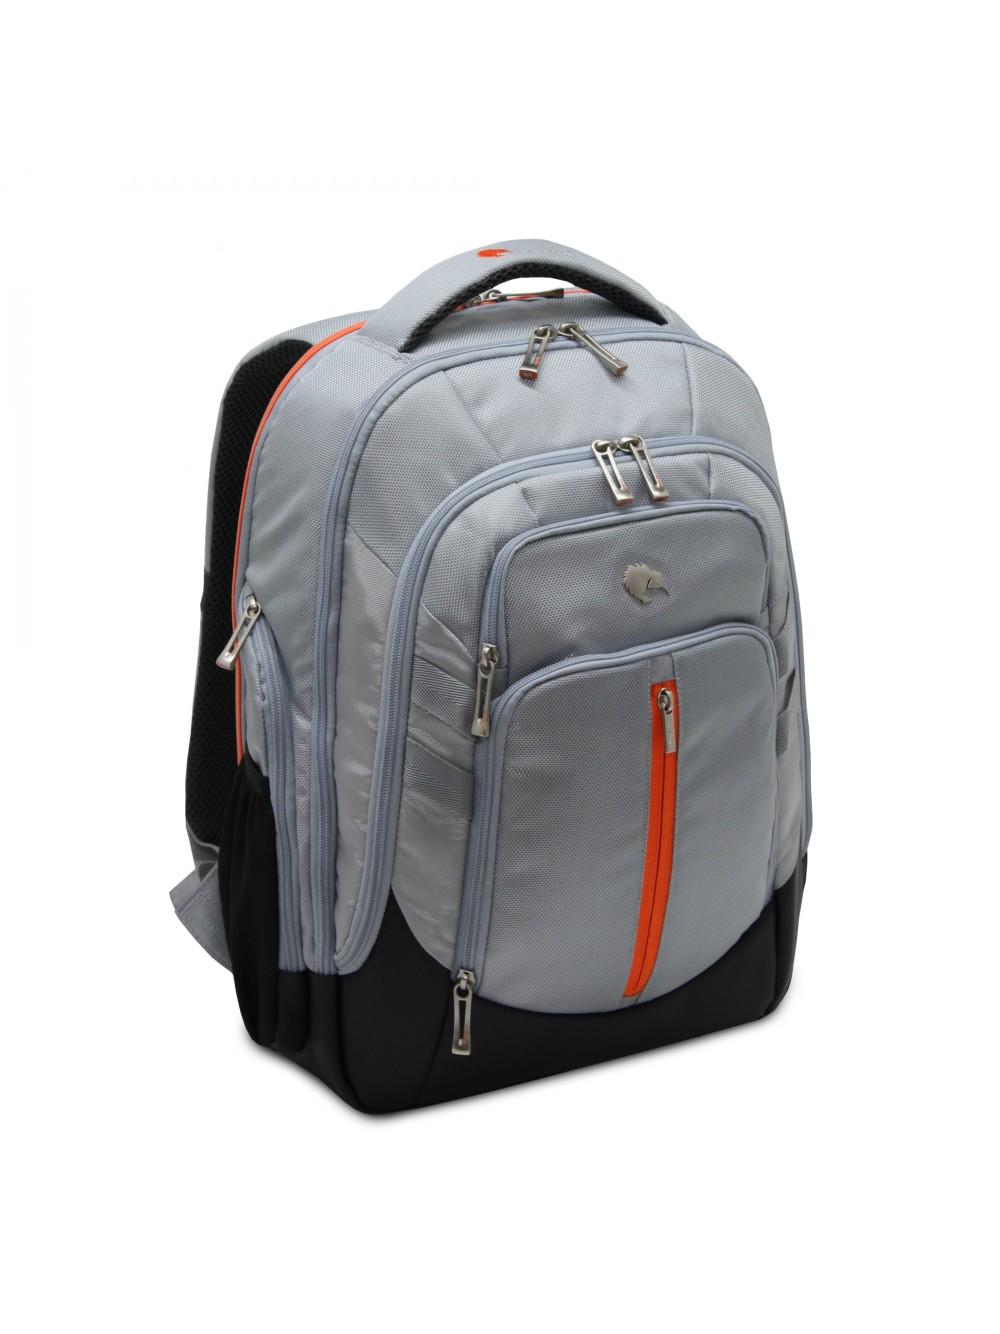 HAPU Universal Diaper Backpack